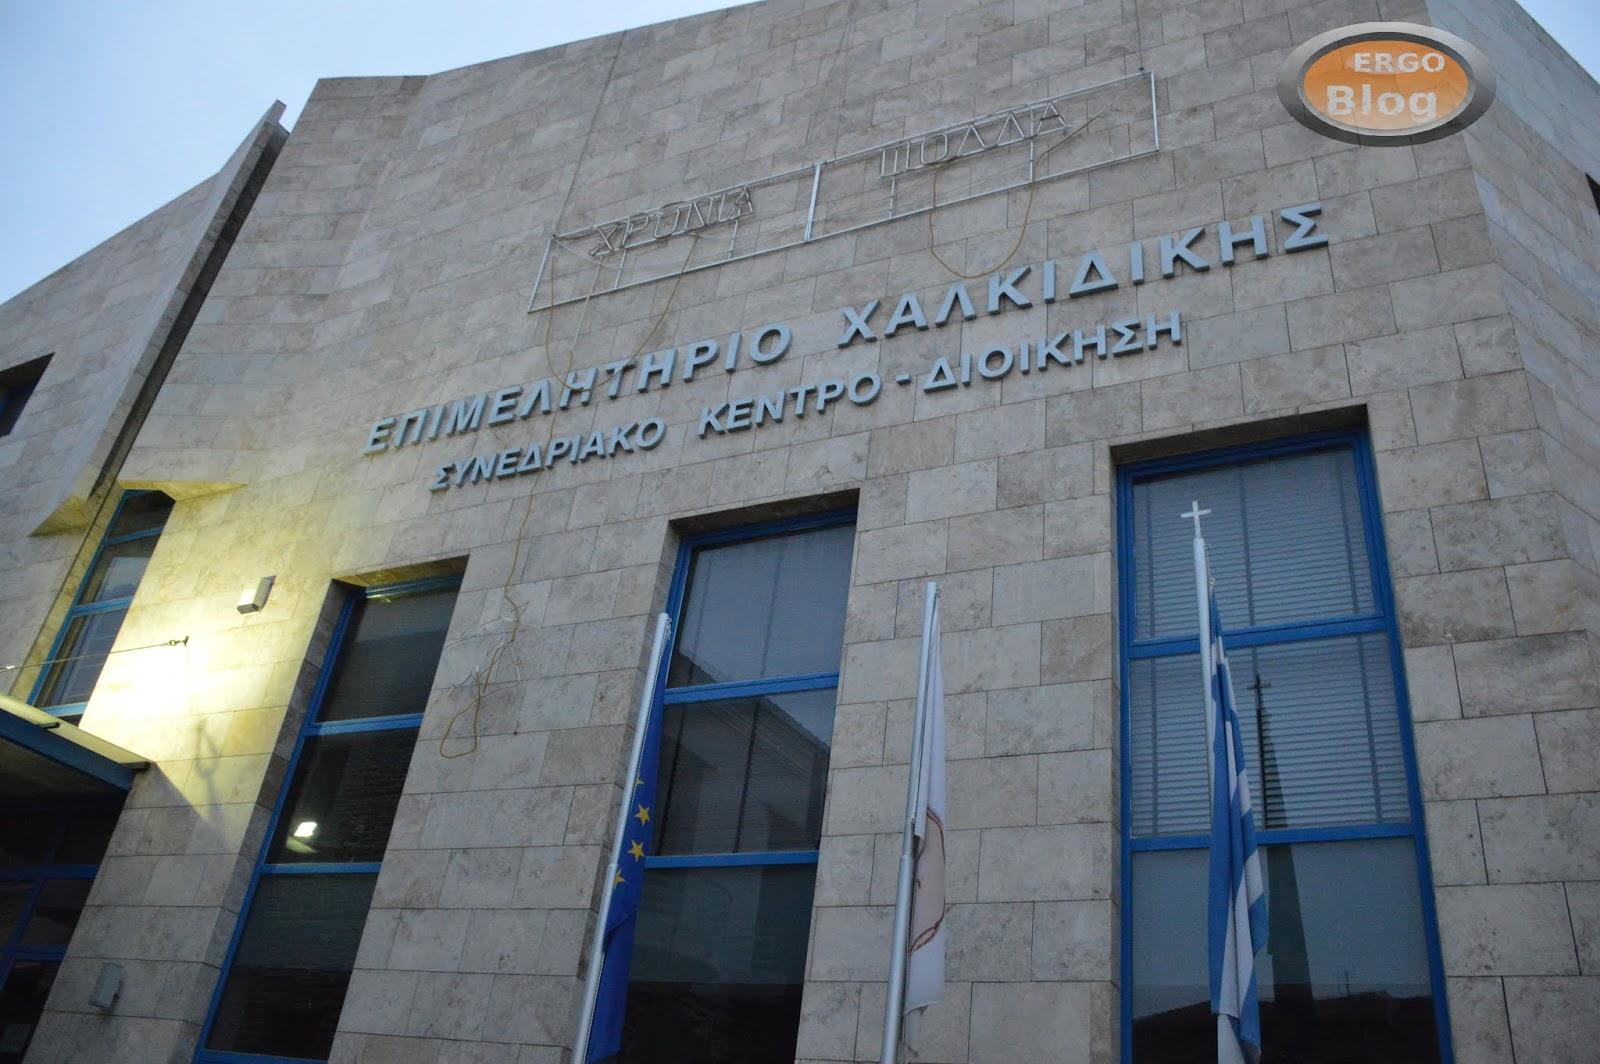 Εκπαιδευτικό σεμινάριο για τα μέλη του Επιμελητηρίου Χαλκιδικής